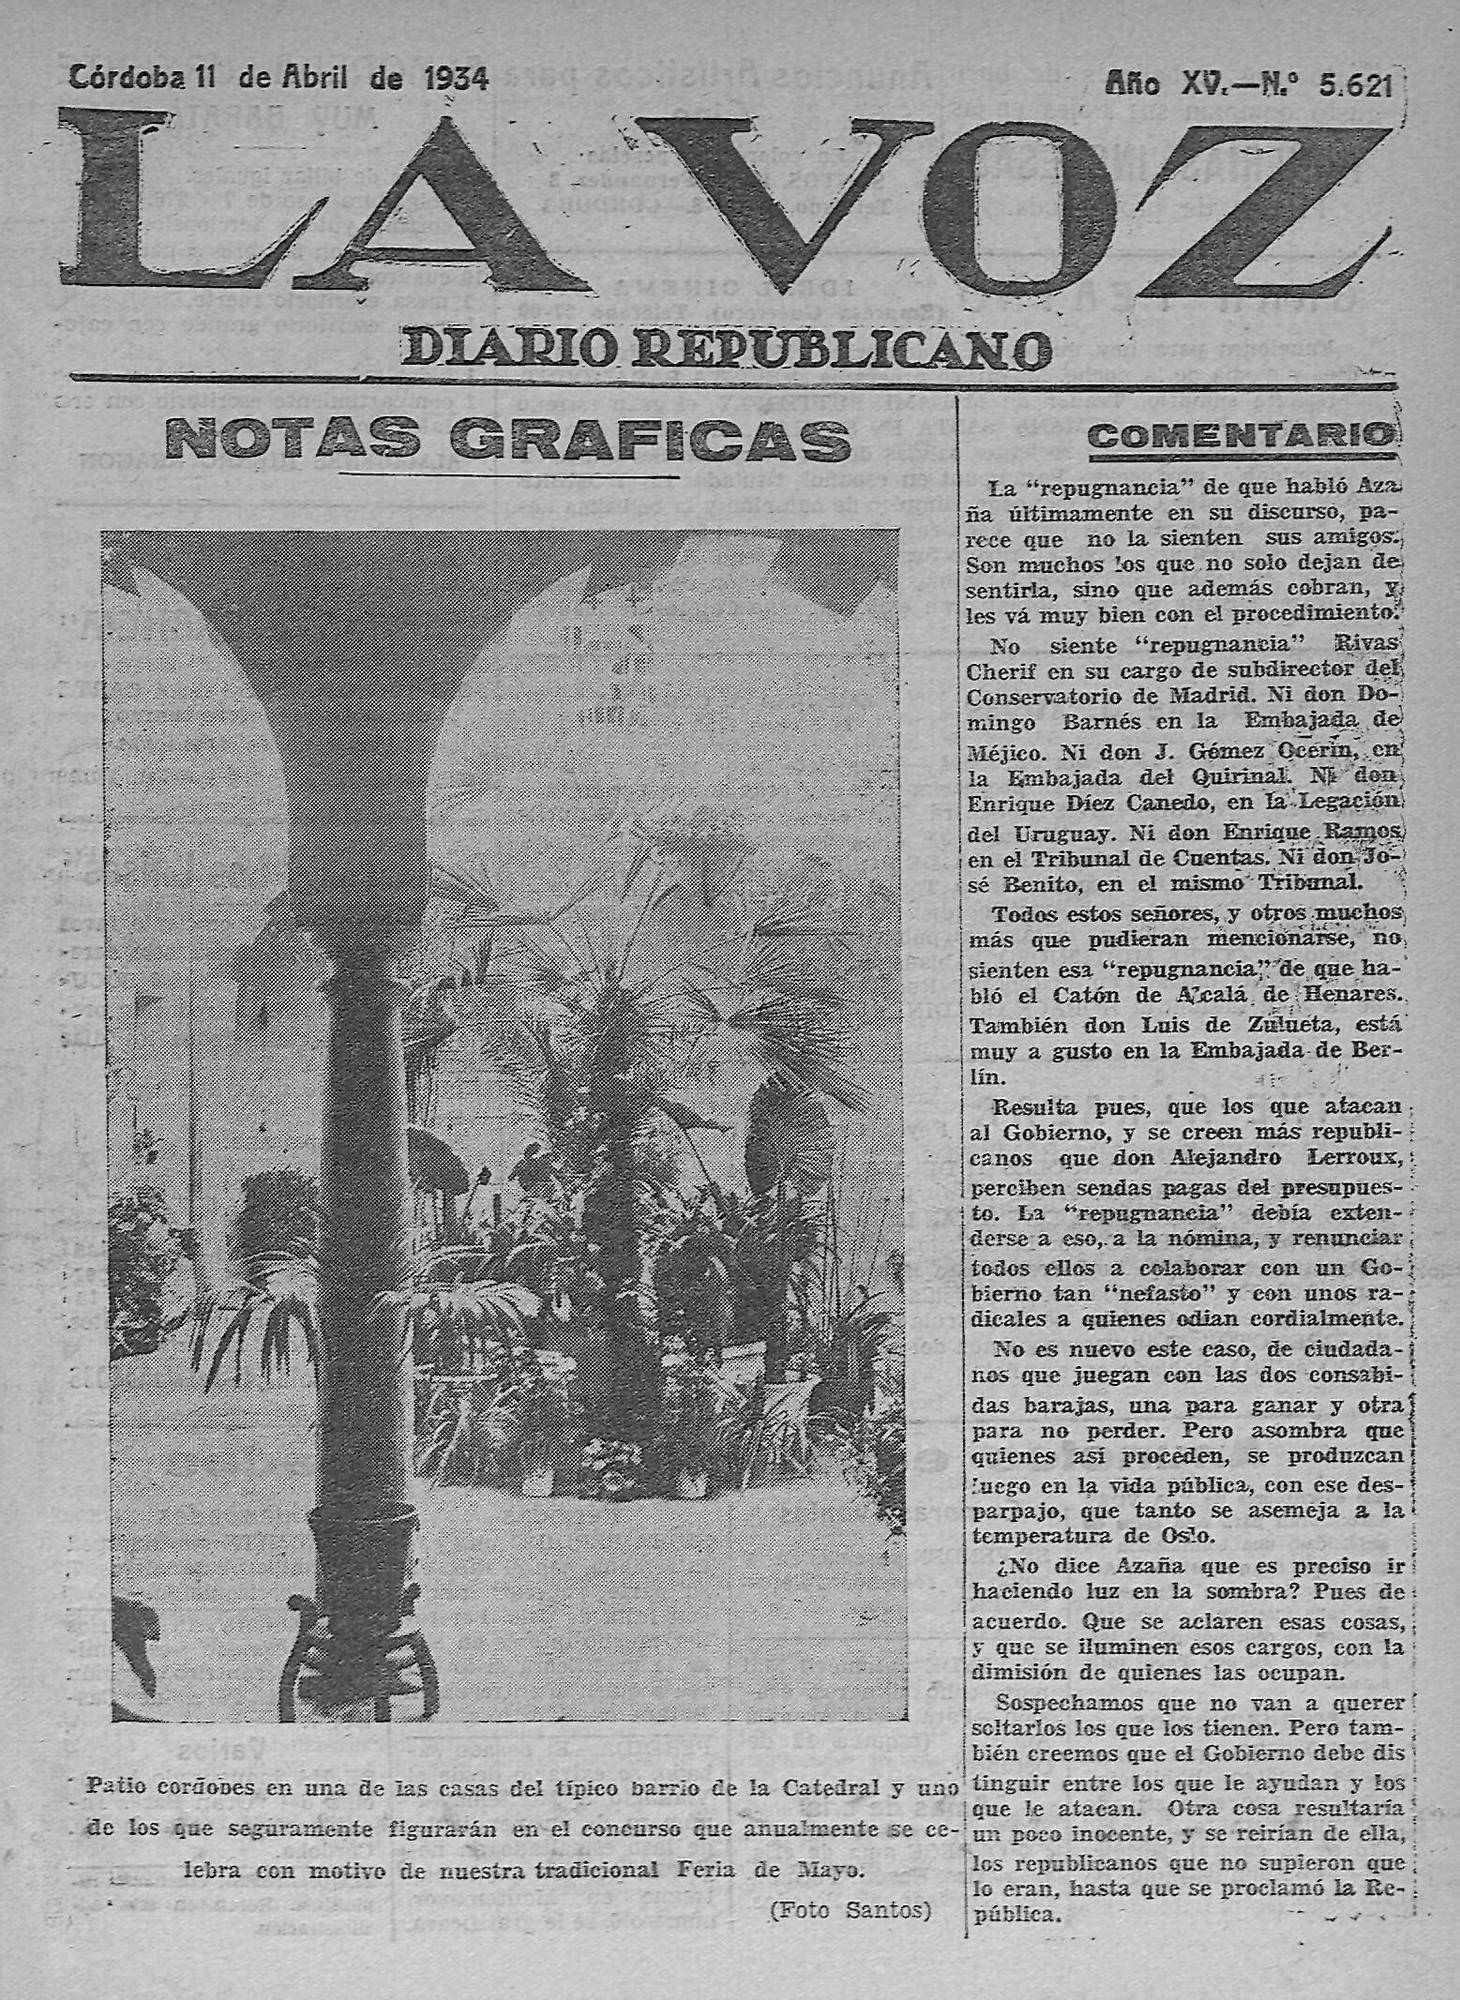 Recinto del barrio de la Judería en la portada del diario la Voz de 1934